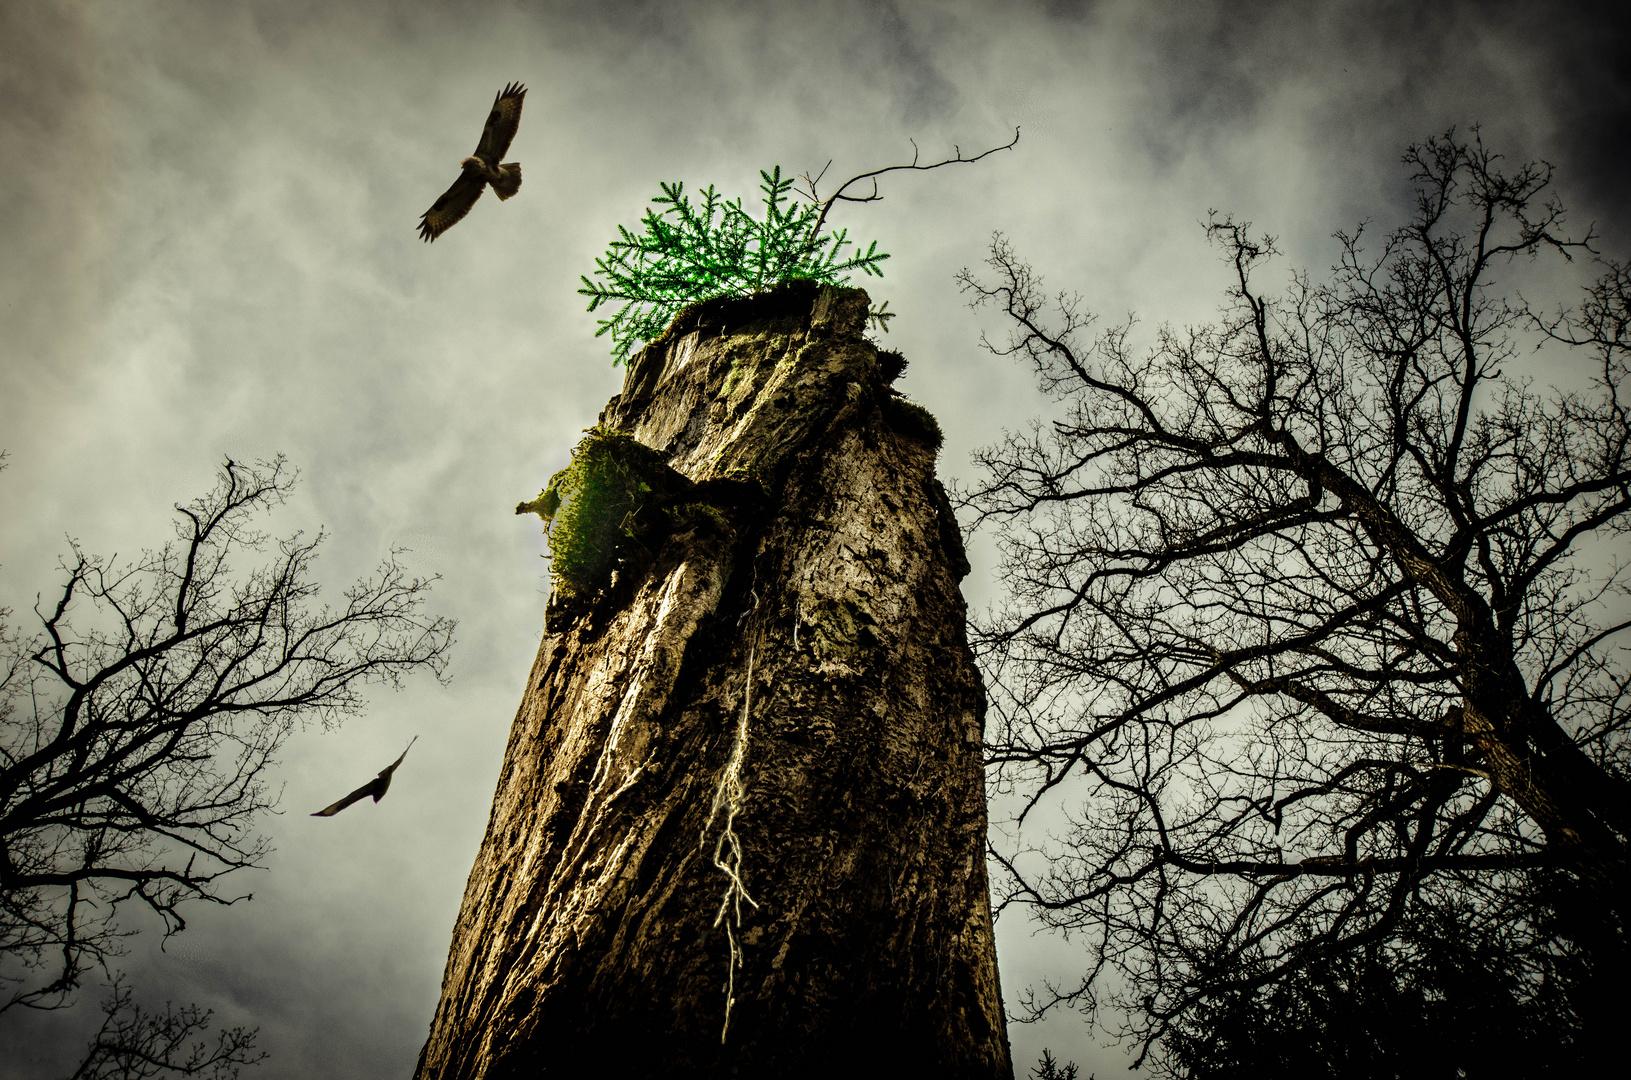 Hoher Baumstumpf